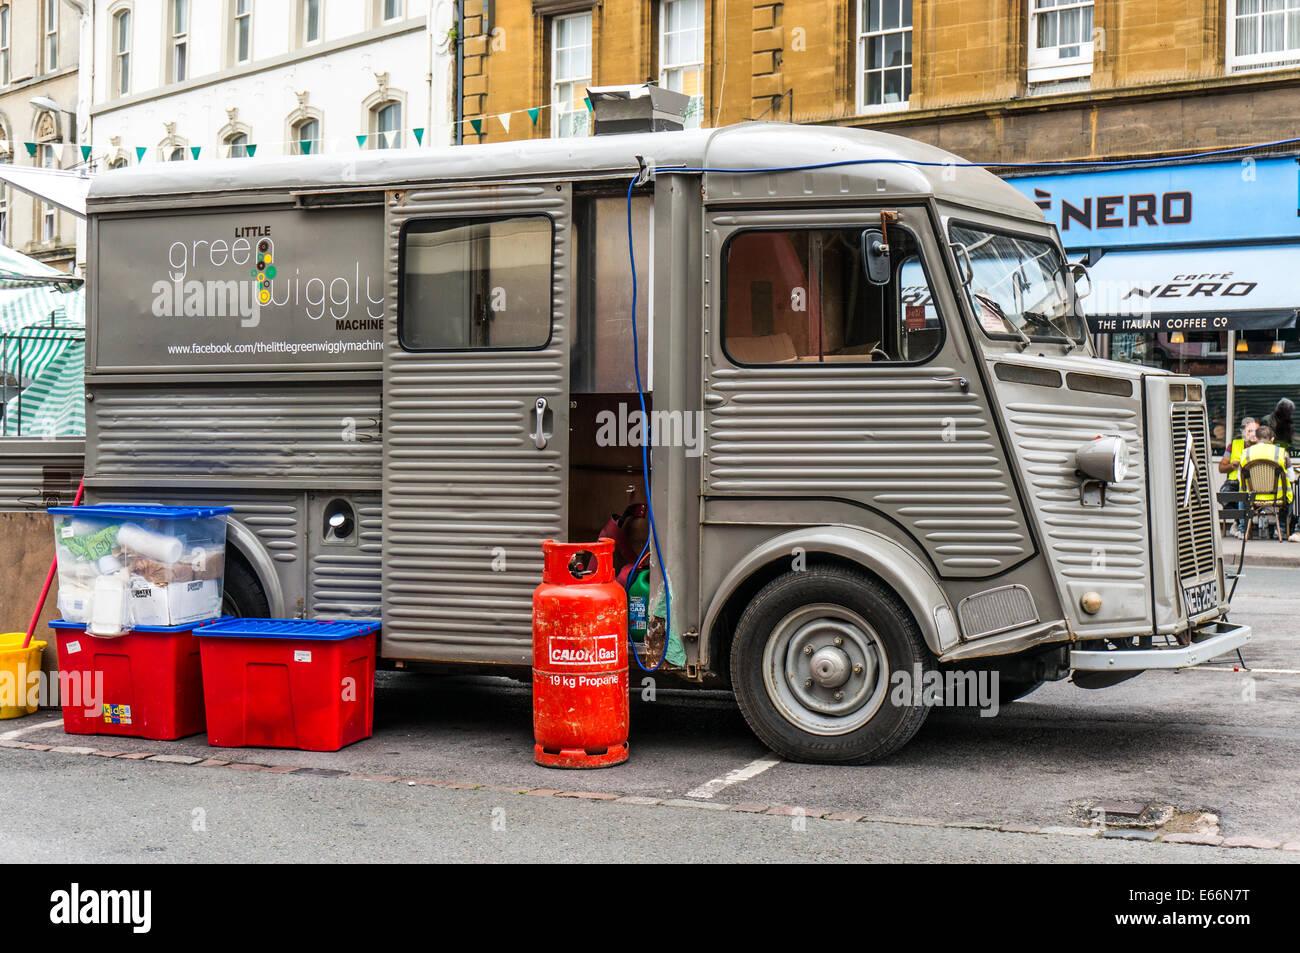 El Little Green Wiggly máquina, un especialista convierten 1970 Citroën H Van, vender comida en la calle en la ciudad de Cirencester, Cotswolds, Inglaterra, Reino Unido. Foto de stock